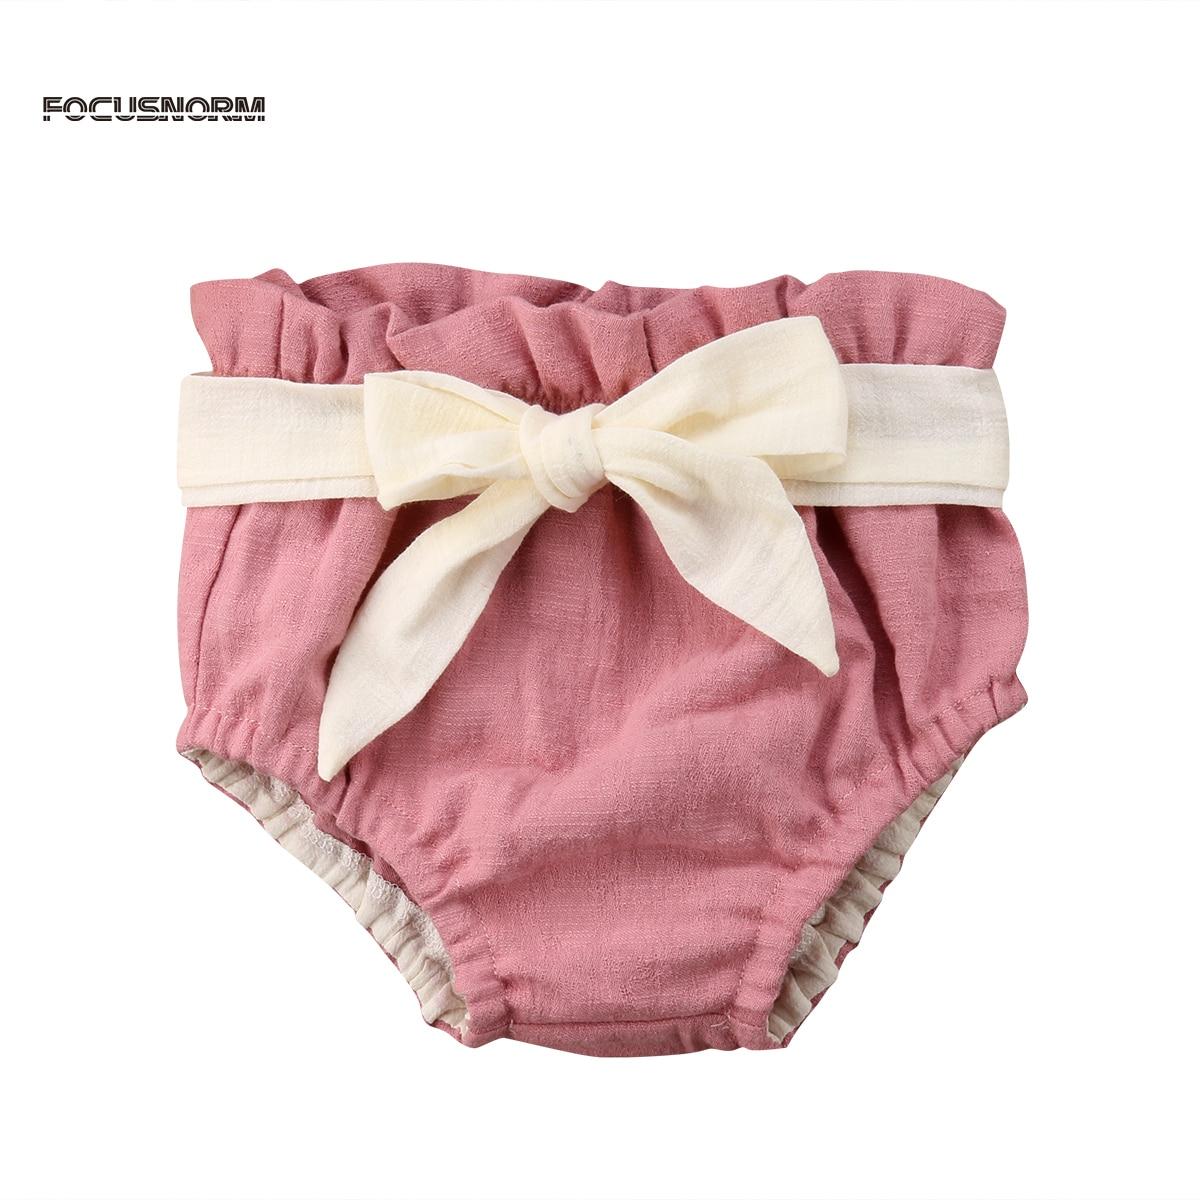 2018 Nuova Estate Del Bambino Neonate Maschi 0-24 M Elastico In Vita Alta Vita Fiocco Rosa Di Cotone Pp Shorts Prendisole Vestiti Del Bambino